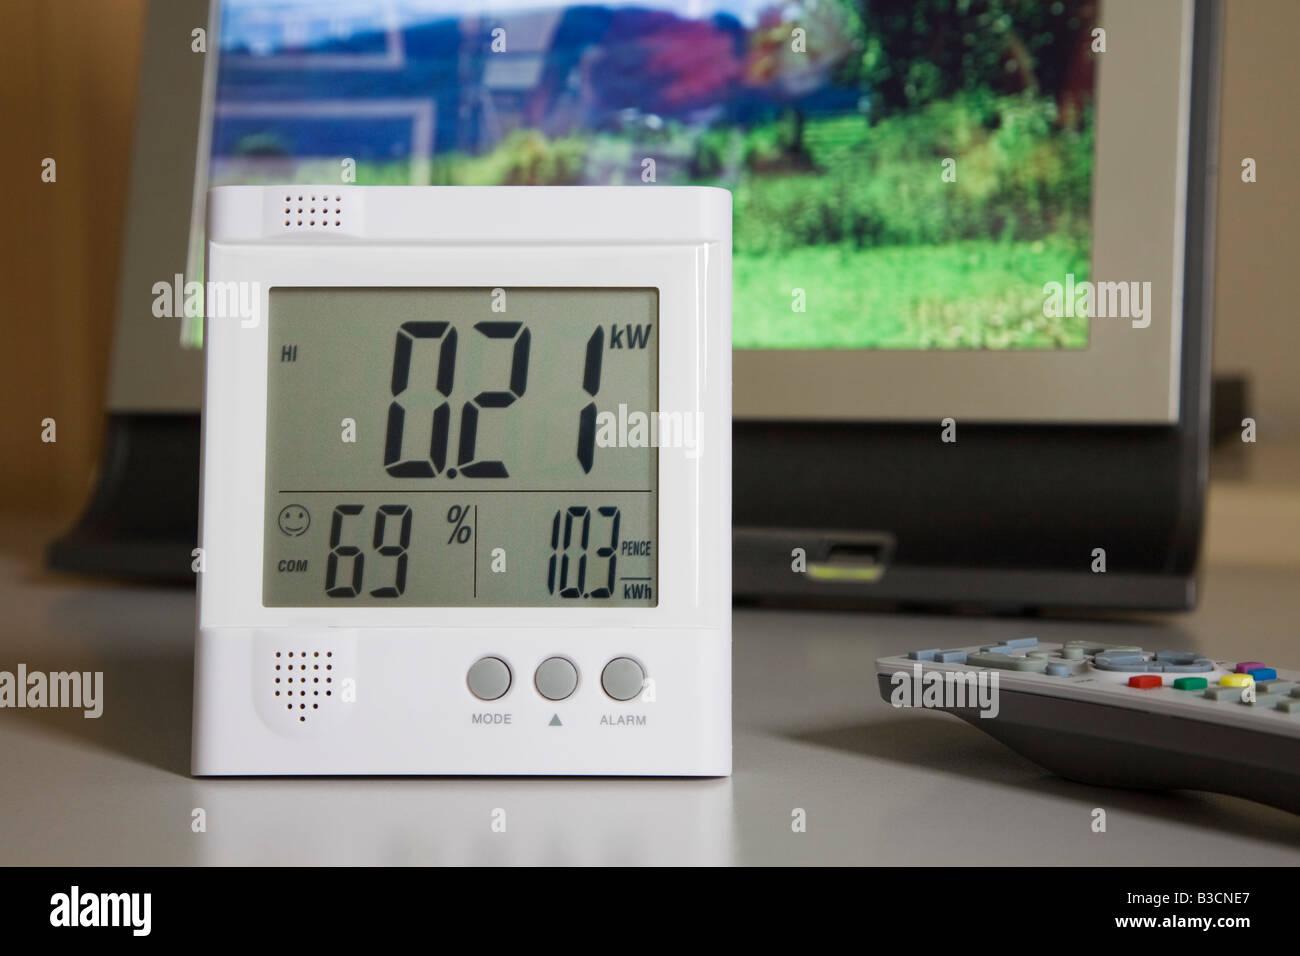 Primer plano del monitor de energía inalámbrico Owl con pantalla LED que muestra los kilovatios de electricidad Foto de stock